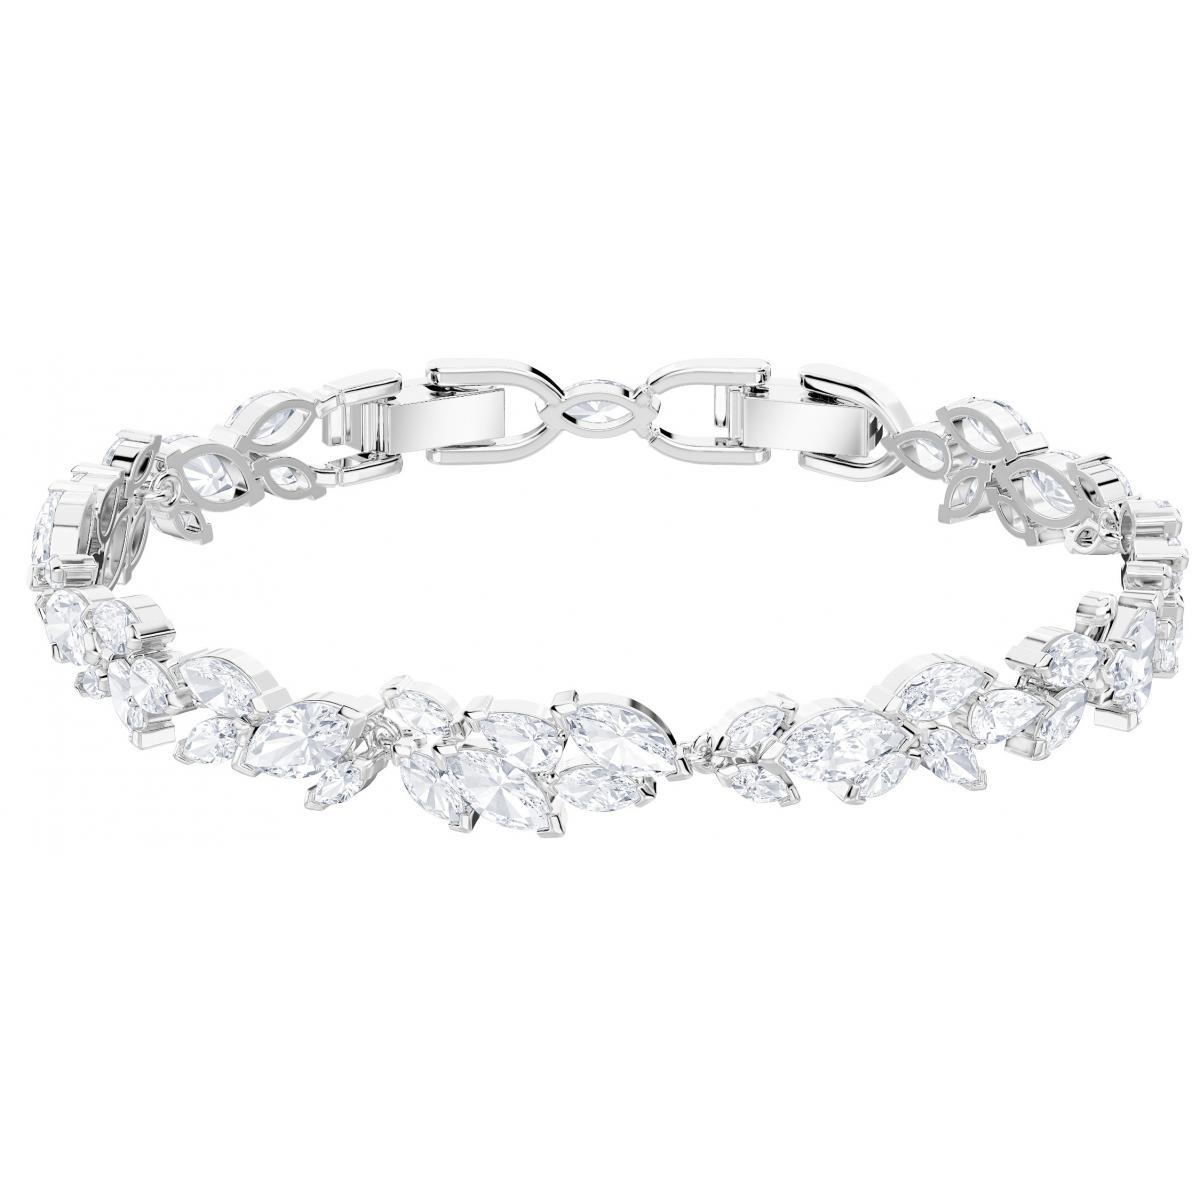 Bracelet Swarovski Bijoux 5419244 - Acier Argenté Cristaux Swarovski Femme